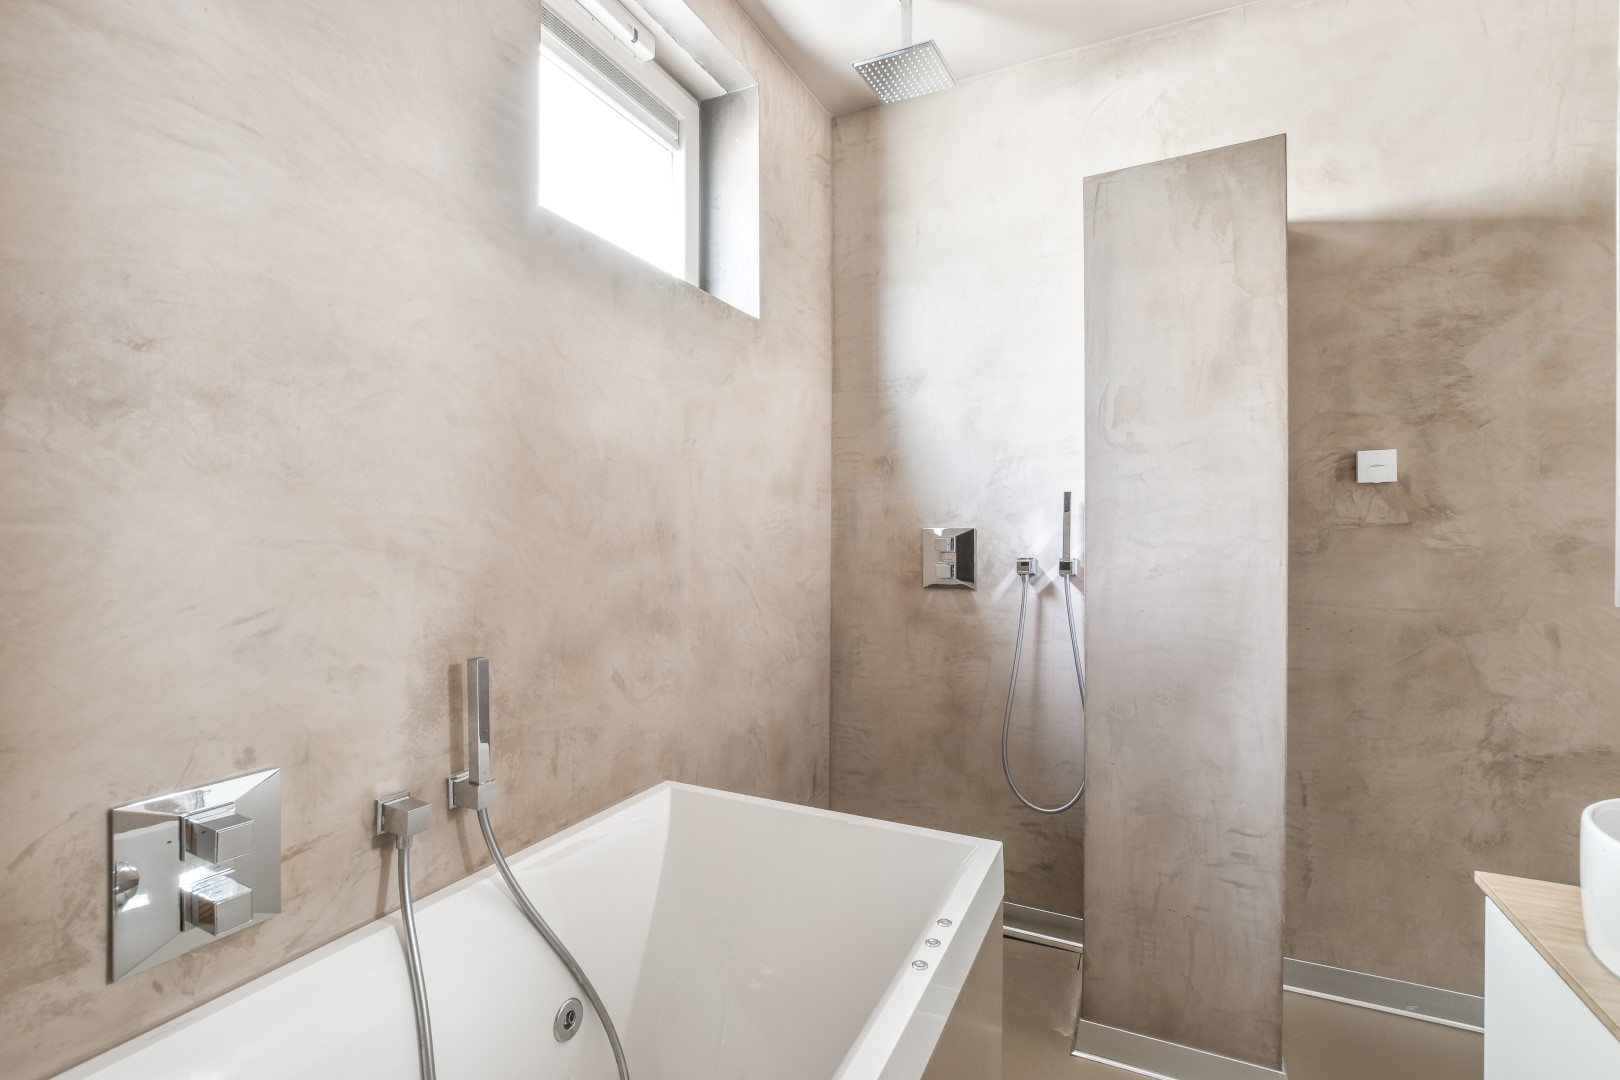 De Clercqstraat 75 III 1053 AE, Amsterdam, Noord-Holland Nederland, 3 Bedrooms Bedrooms, ,1 BathroomBathrooms,Apartment,For Rent,De Clercqstraat,3,1556